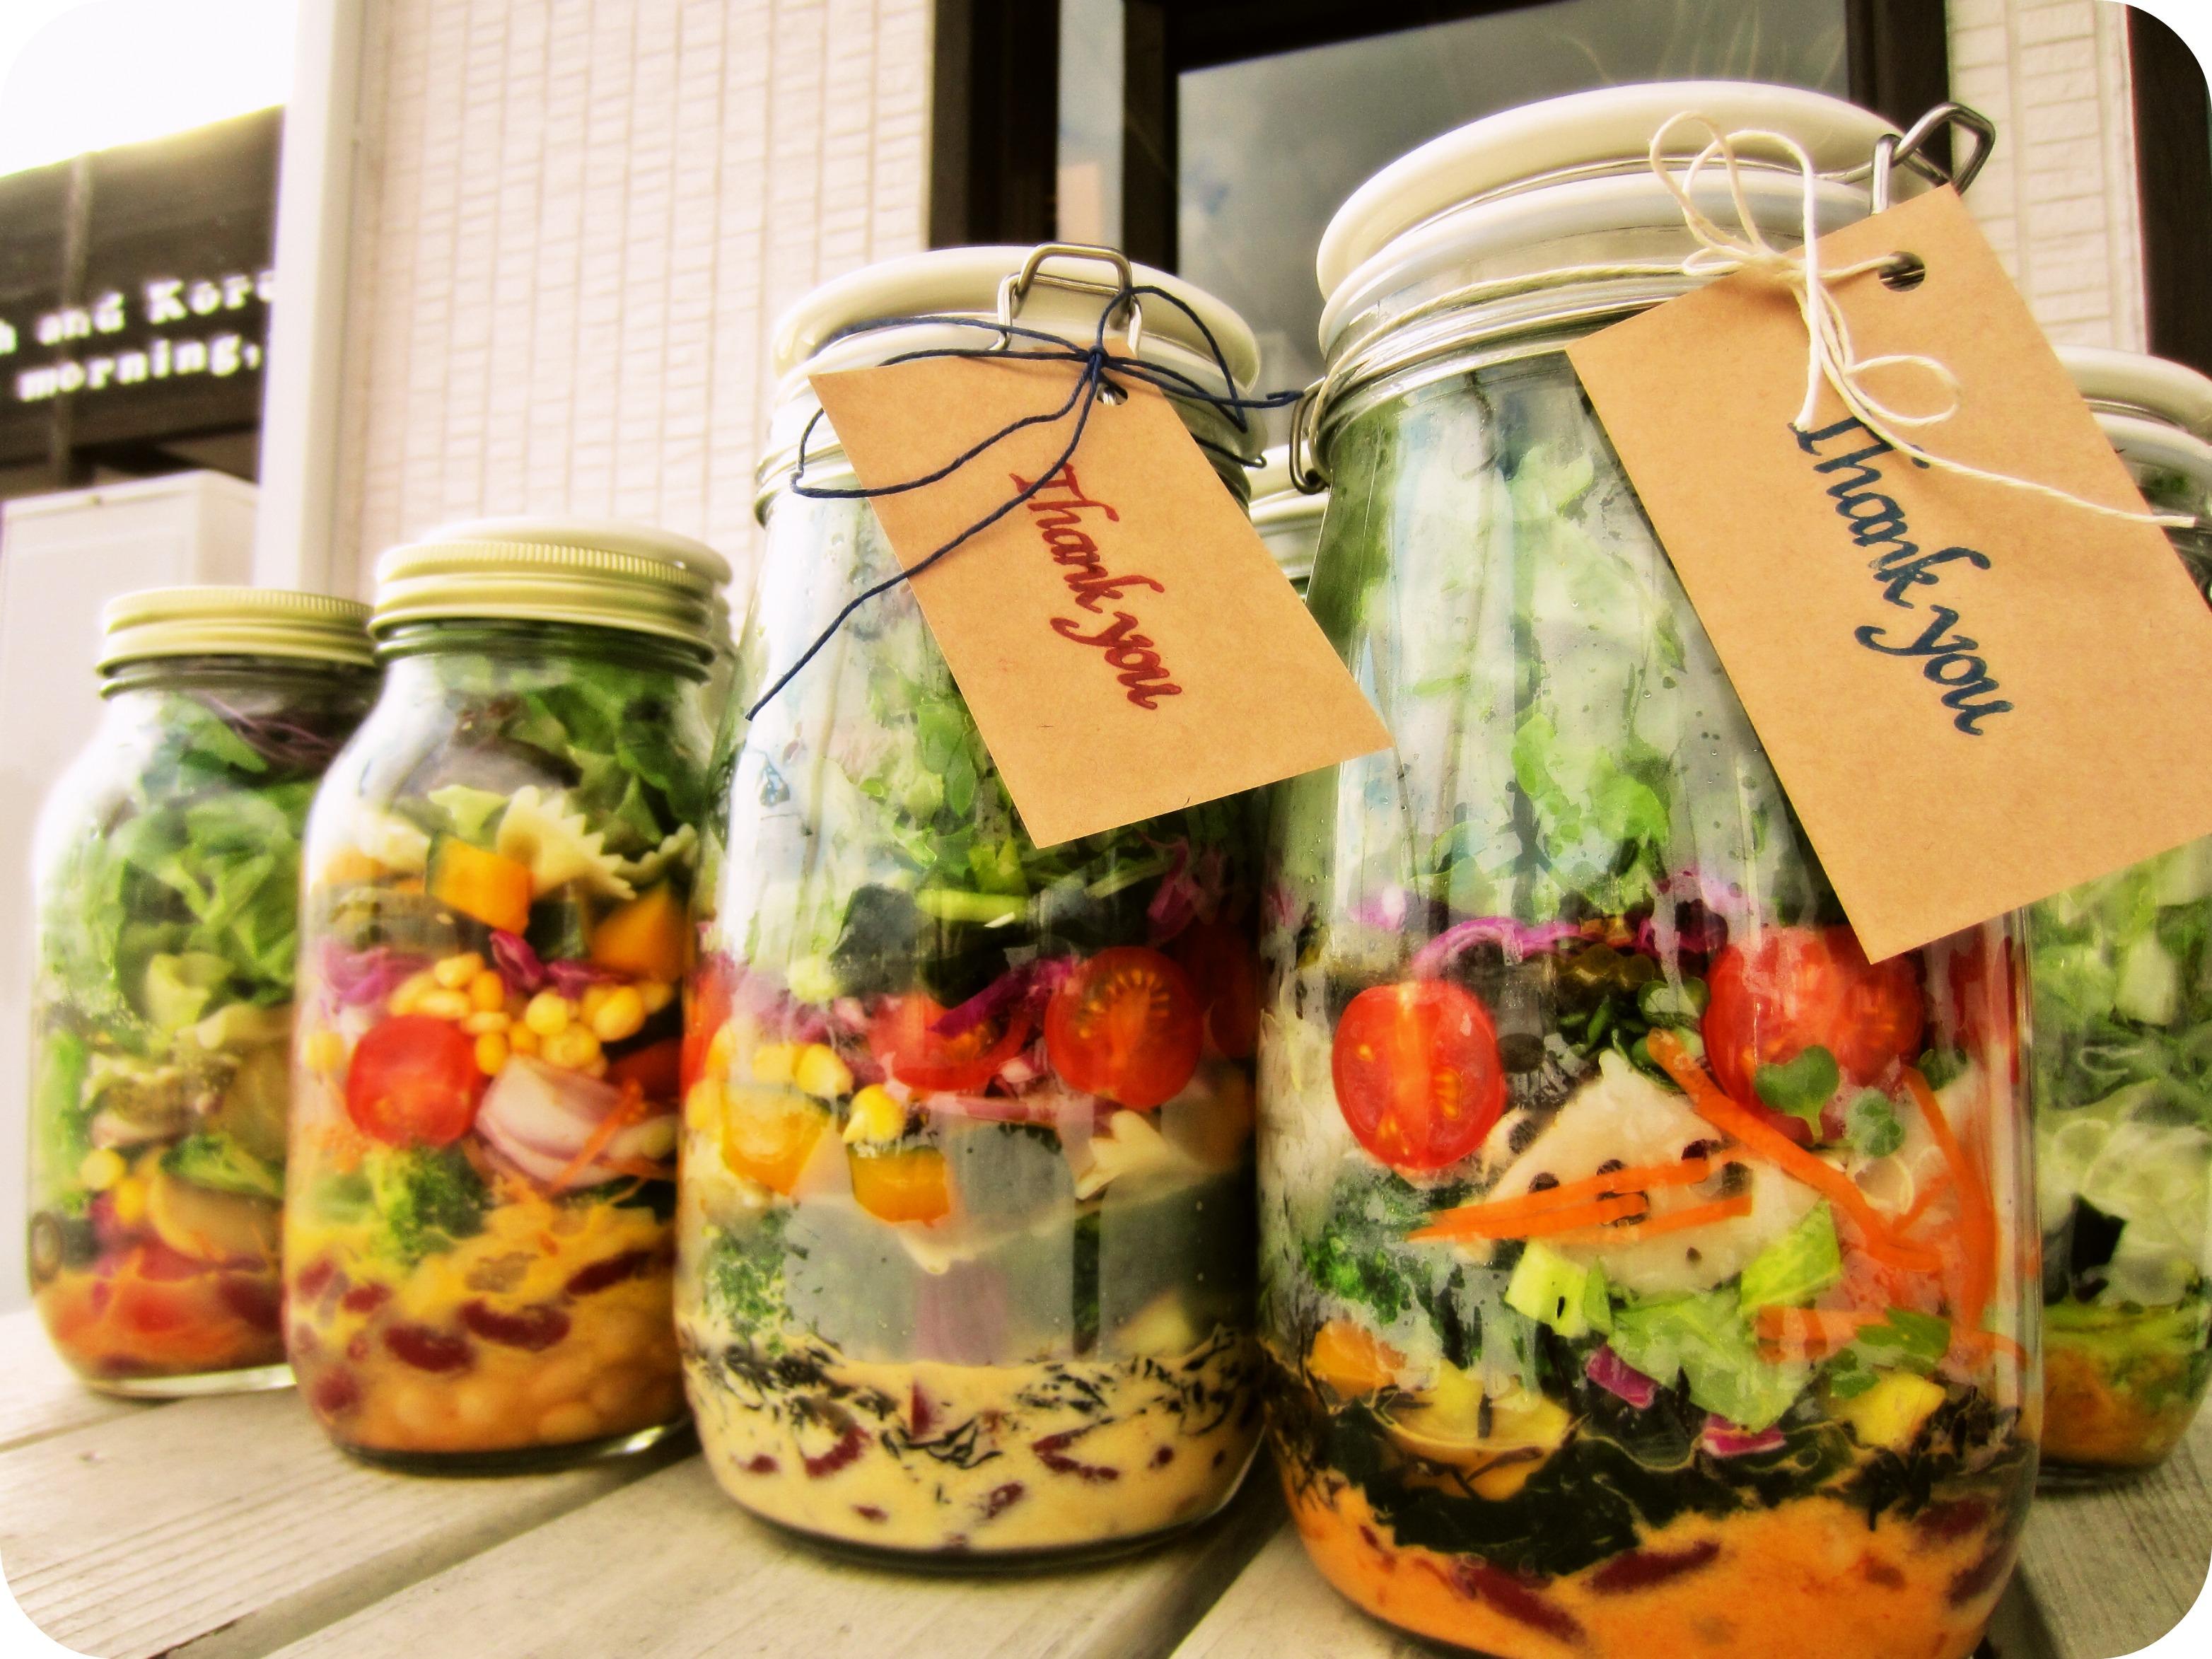 ジャーサラダは危険?煮沸・容器など食中毒の対策や安全な作り方!